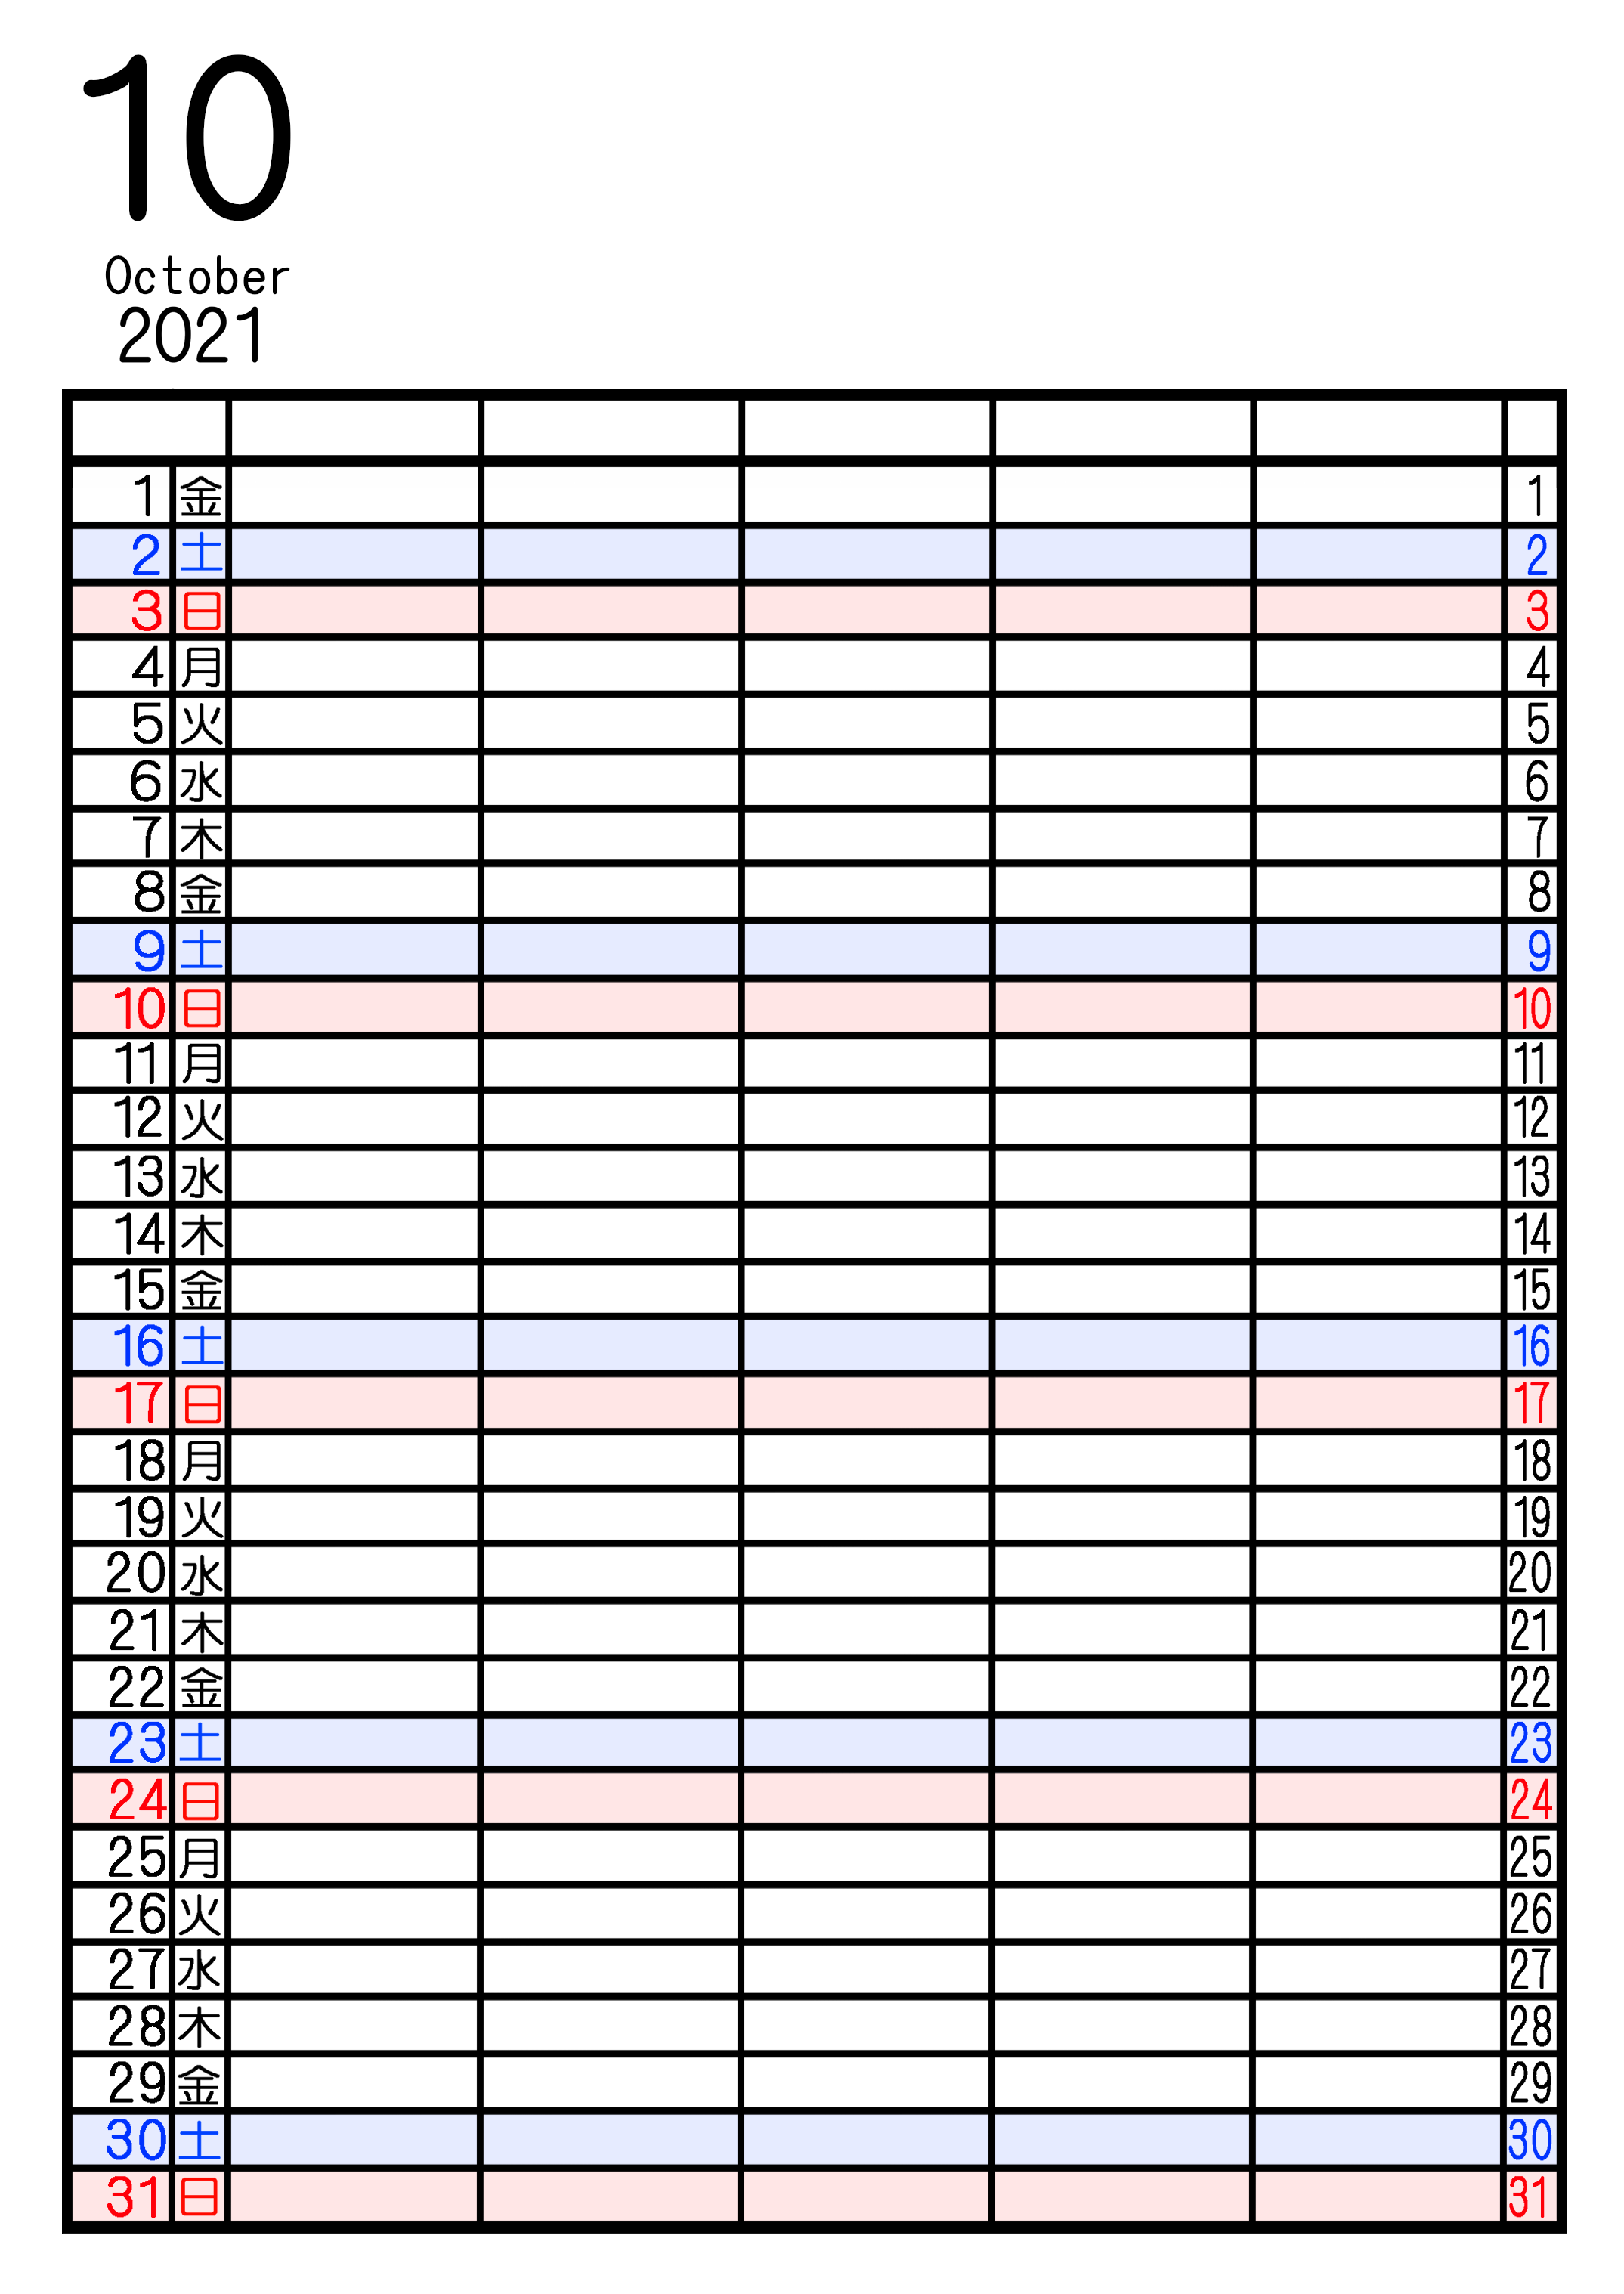 2021年家族カレンダー シンプル 背景透過PNG形式 5人用 10月